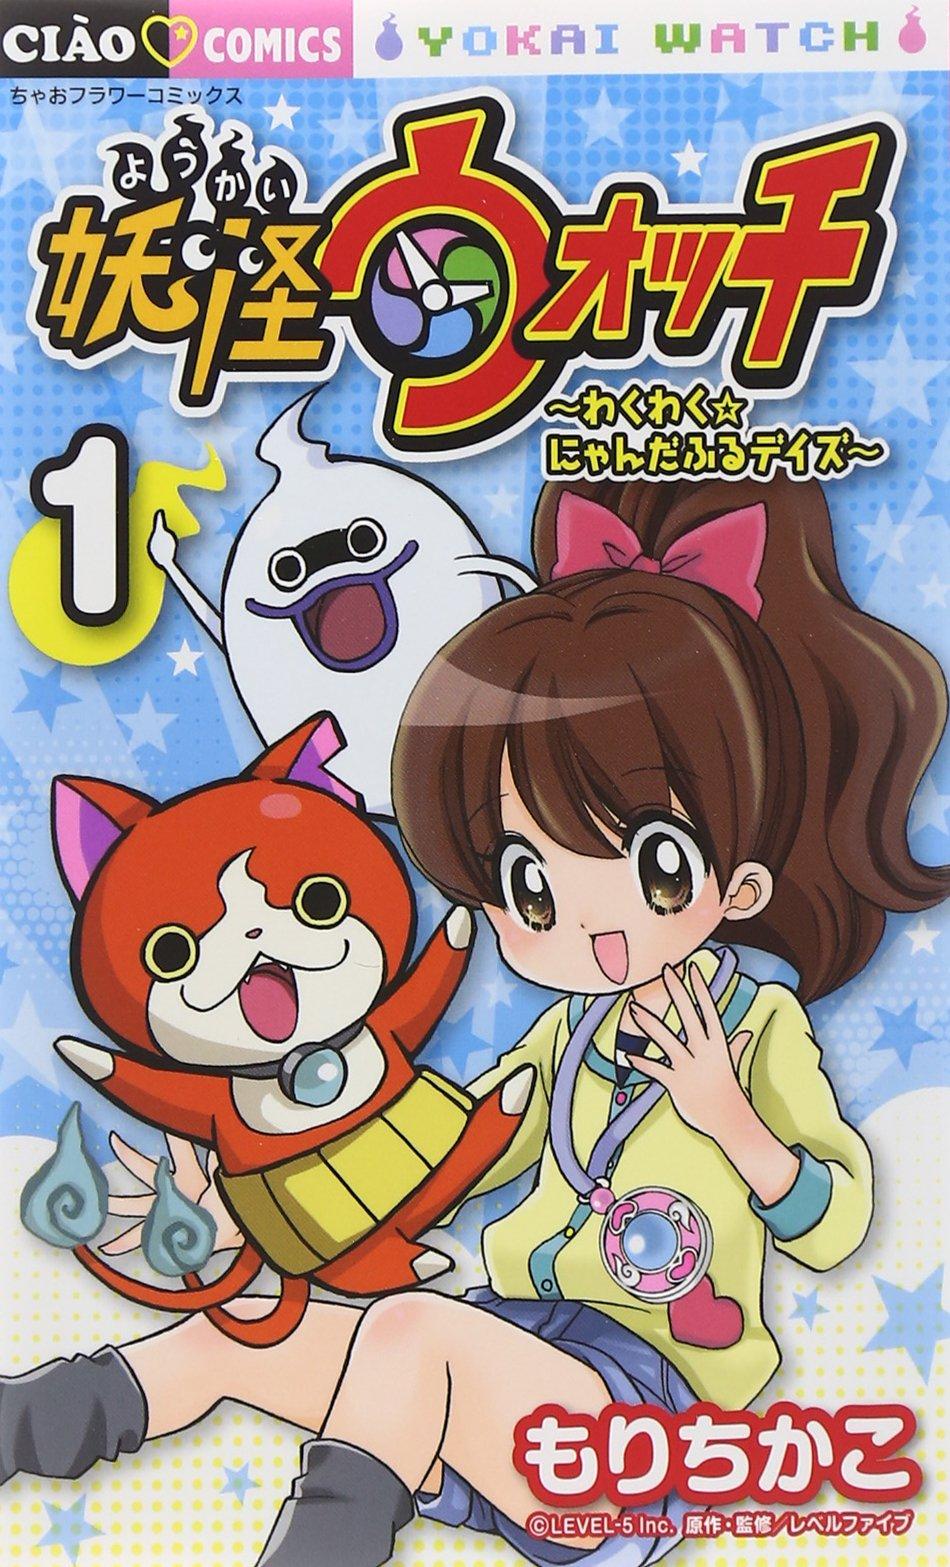 妖怪ウォッチ 〜わくわく☆にゃんだふるデイズ〜 1巻